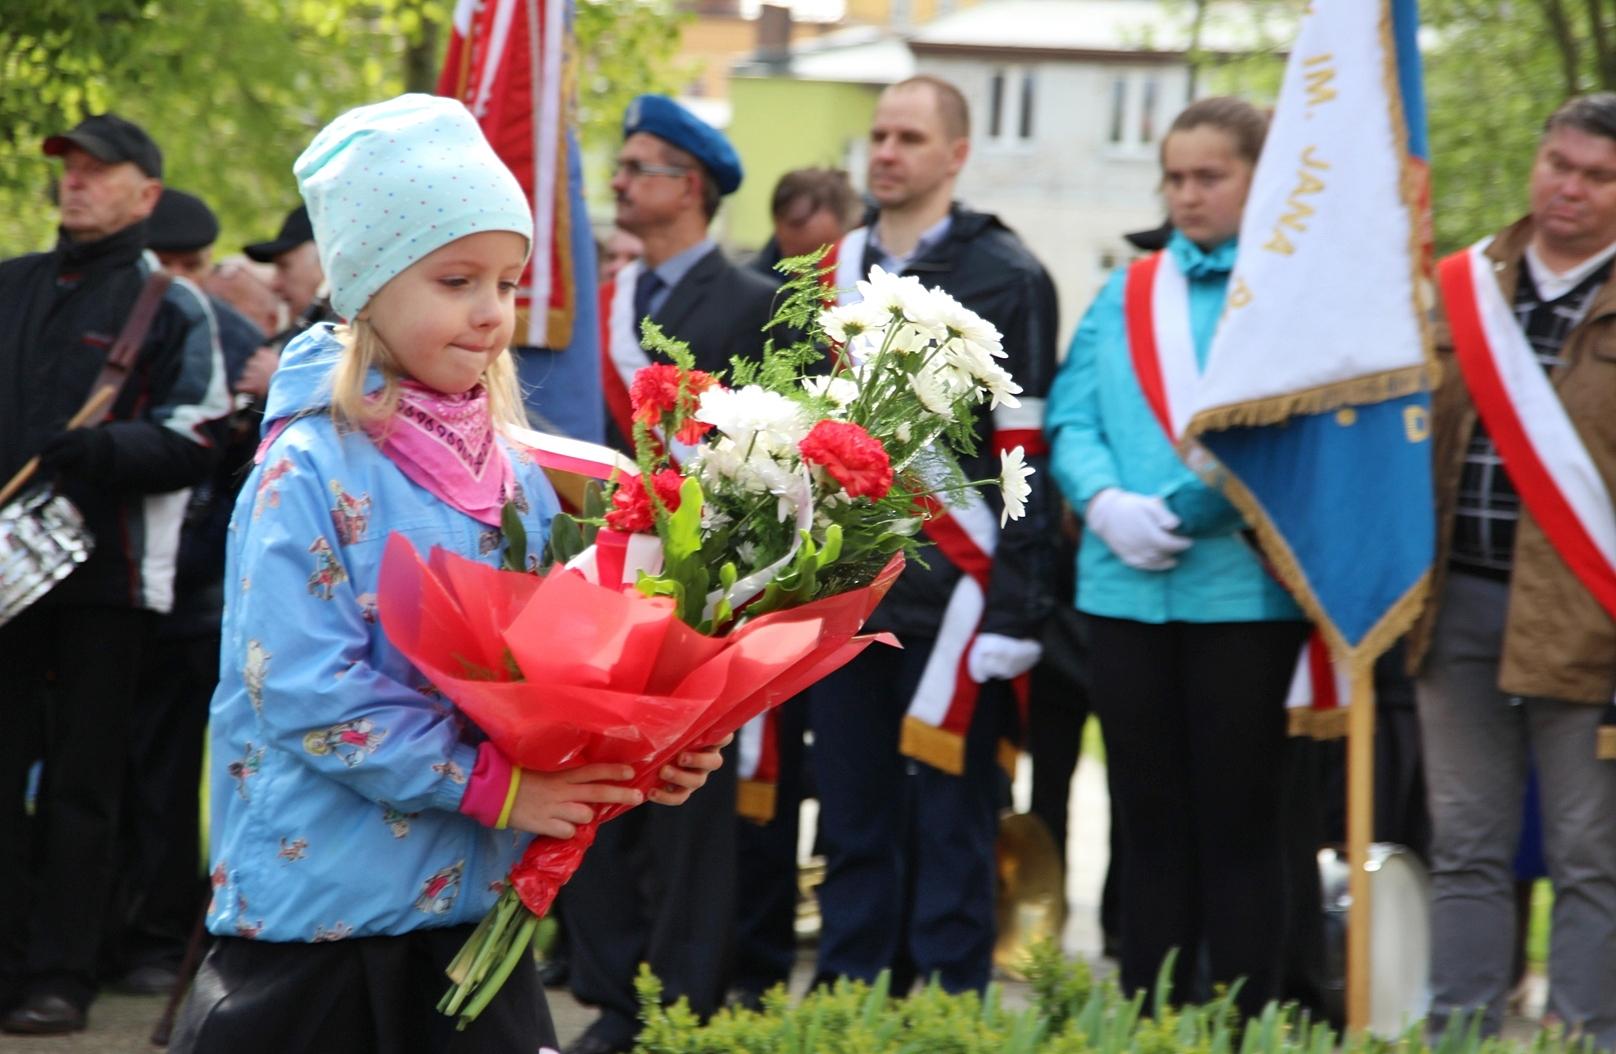 Święto Konstytucji AD 2019, Miasto Białogard